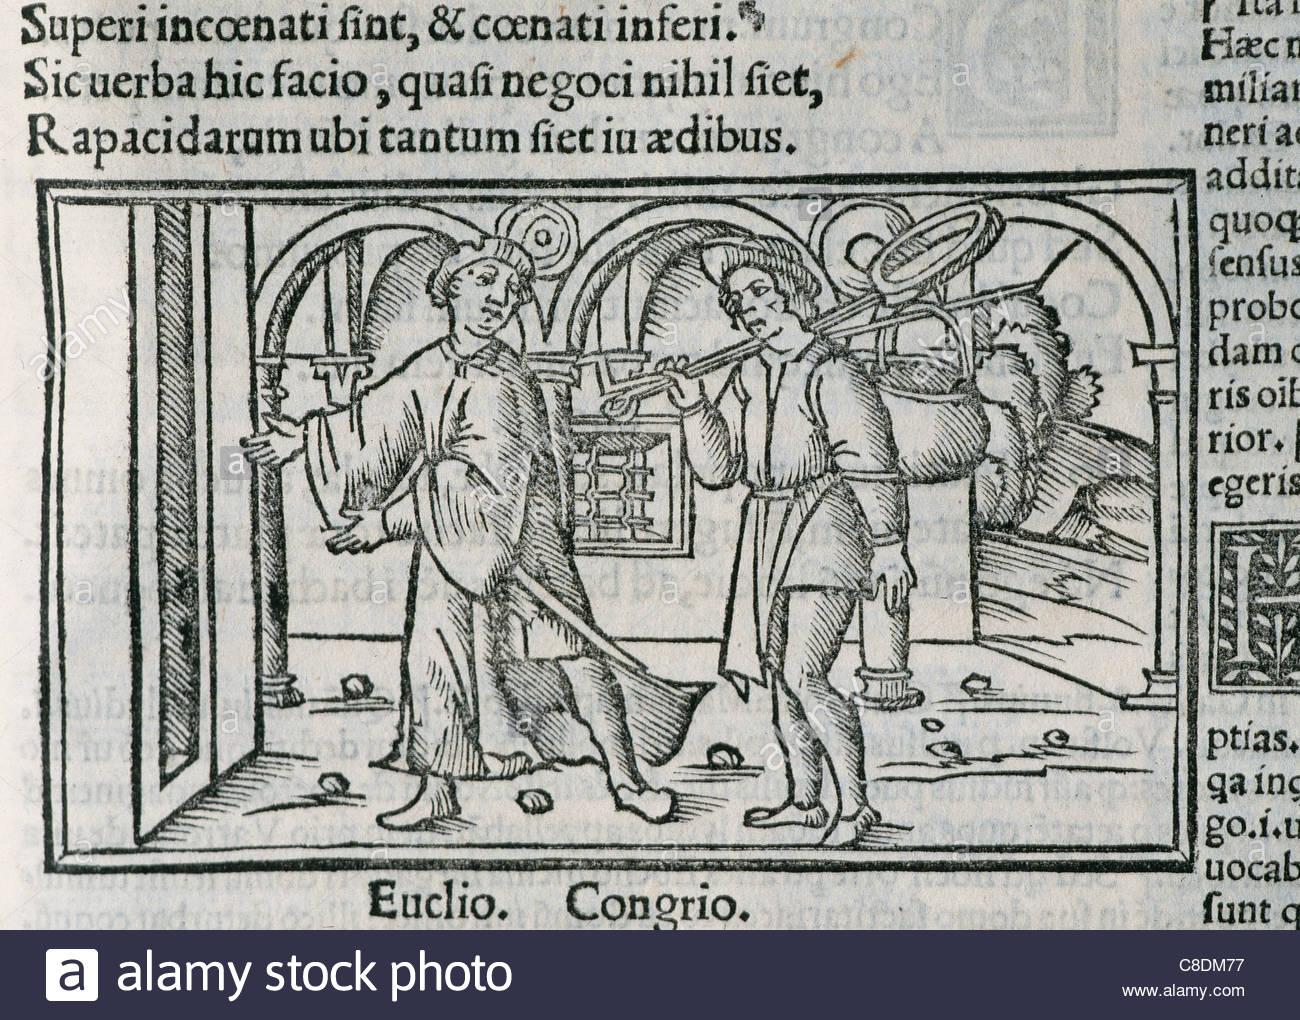 Titus Maccius Plautus (250-184). Lateinischer Dramatiker. Aulularia. Act I. Euclio und Congrio. Gravur. 1518. Stockbild